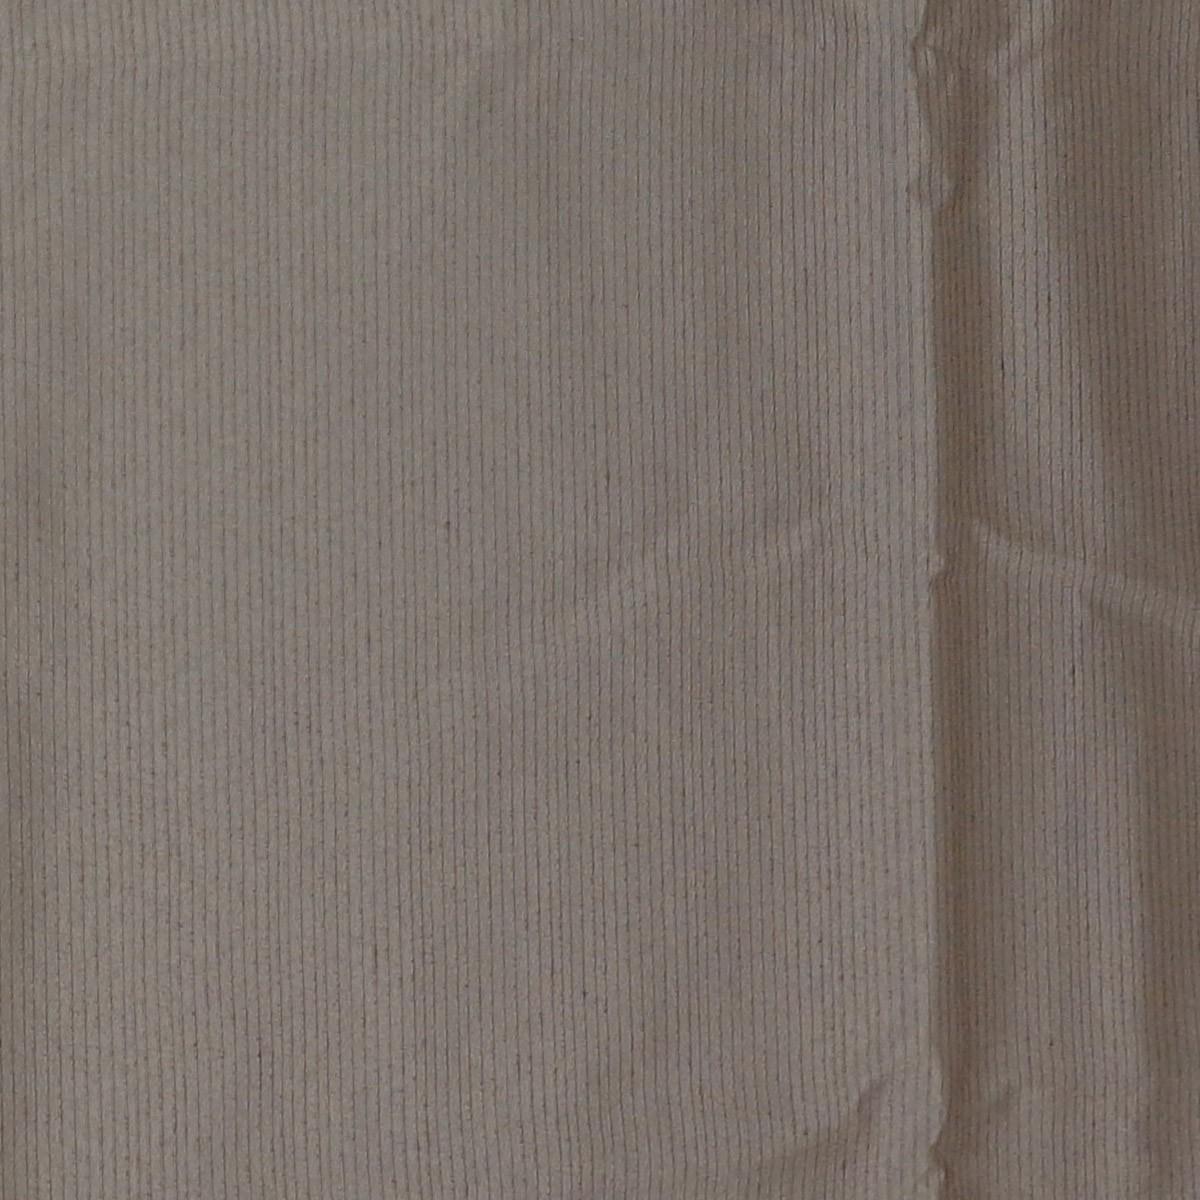 Cortina Para Sala Rústica Pantex Caqui 2,60 x 2,30 Bella Janela